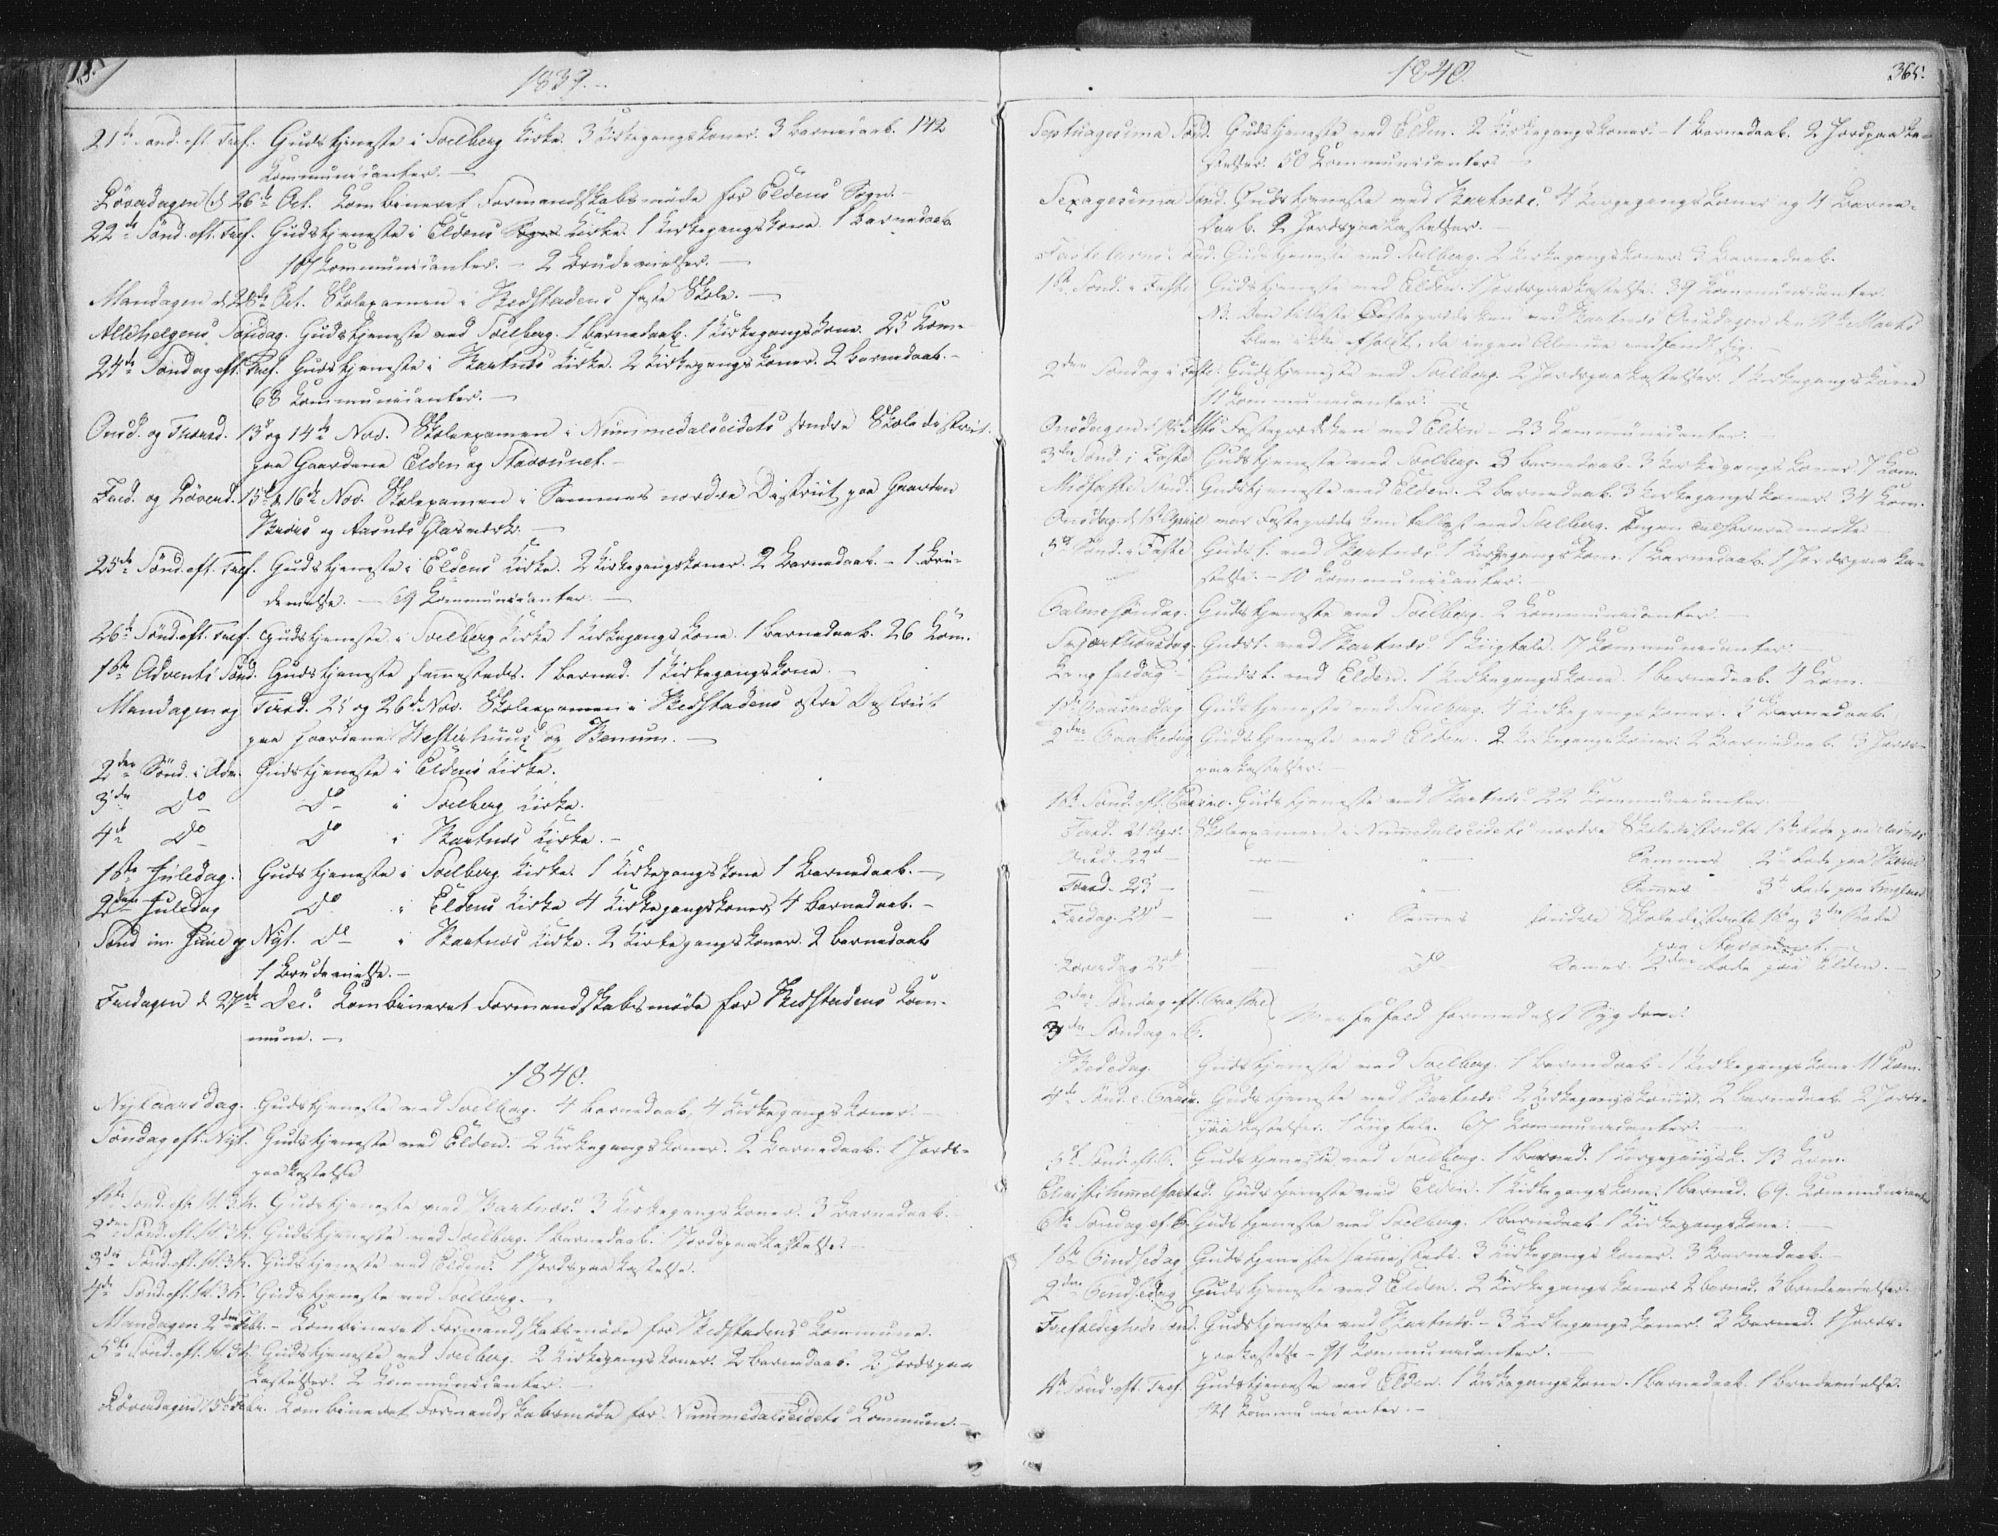 SAT, Ministerialprotokoller, klokkerbøker og fødselsregistre - Nord-Trøndelag, 741/L0392: Ministerialbok nr. 741A06, 1836-1848, s. 365